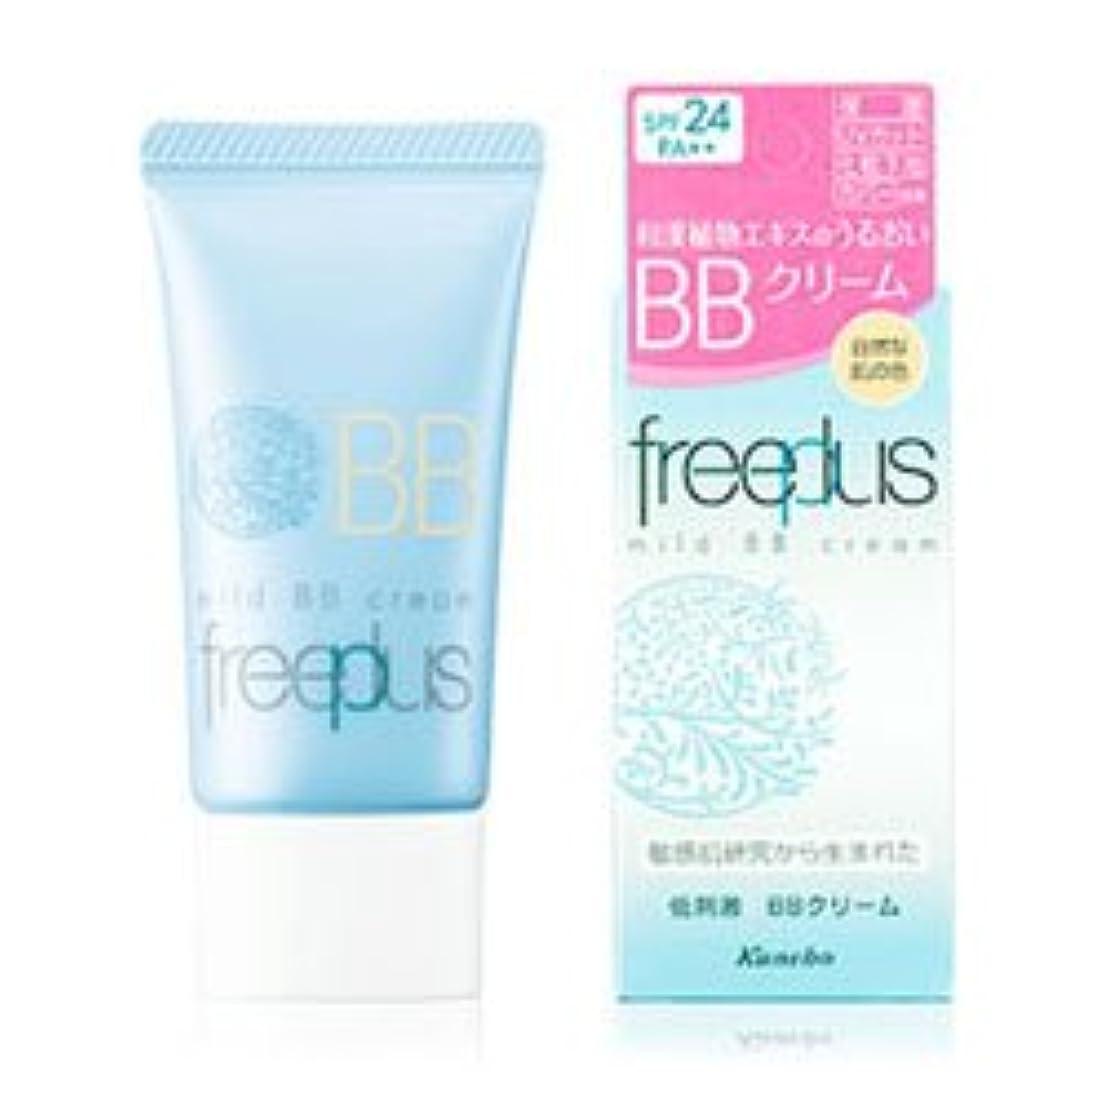 絵モデレータレギュラー【カネボウ化粧品】freeplus フリープラス 30g ×3個セット